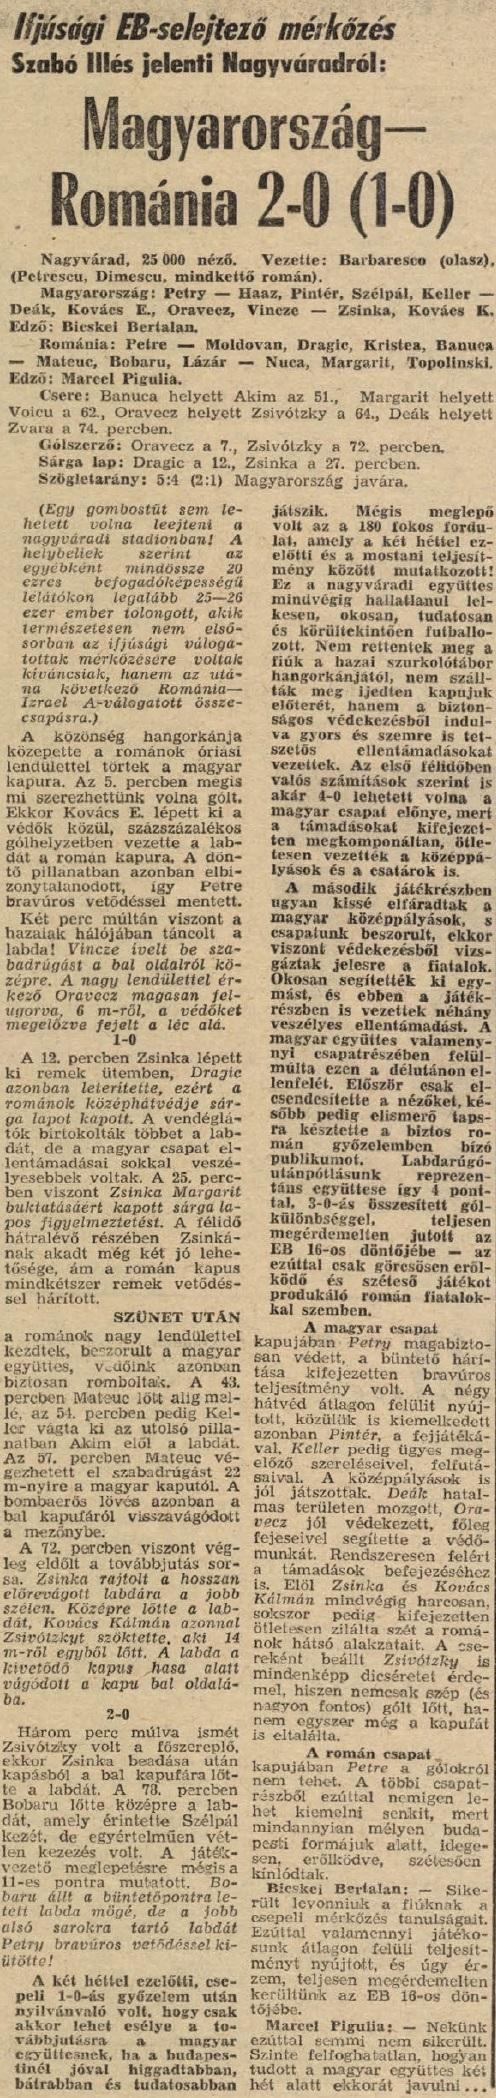 idokapszula_nb_i_1983_84_22_fordulo_romania_magyarorszag_ifjusagi_eb-selejtezo.jpg